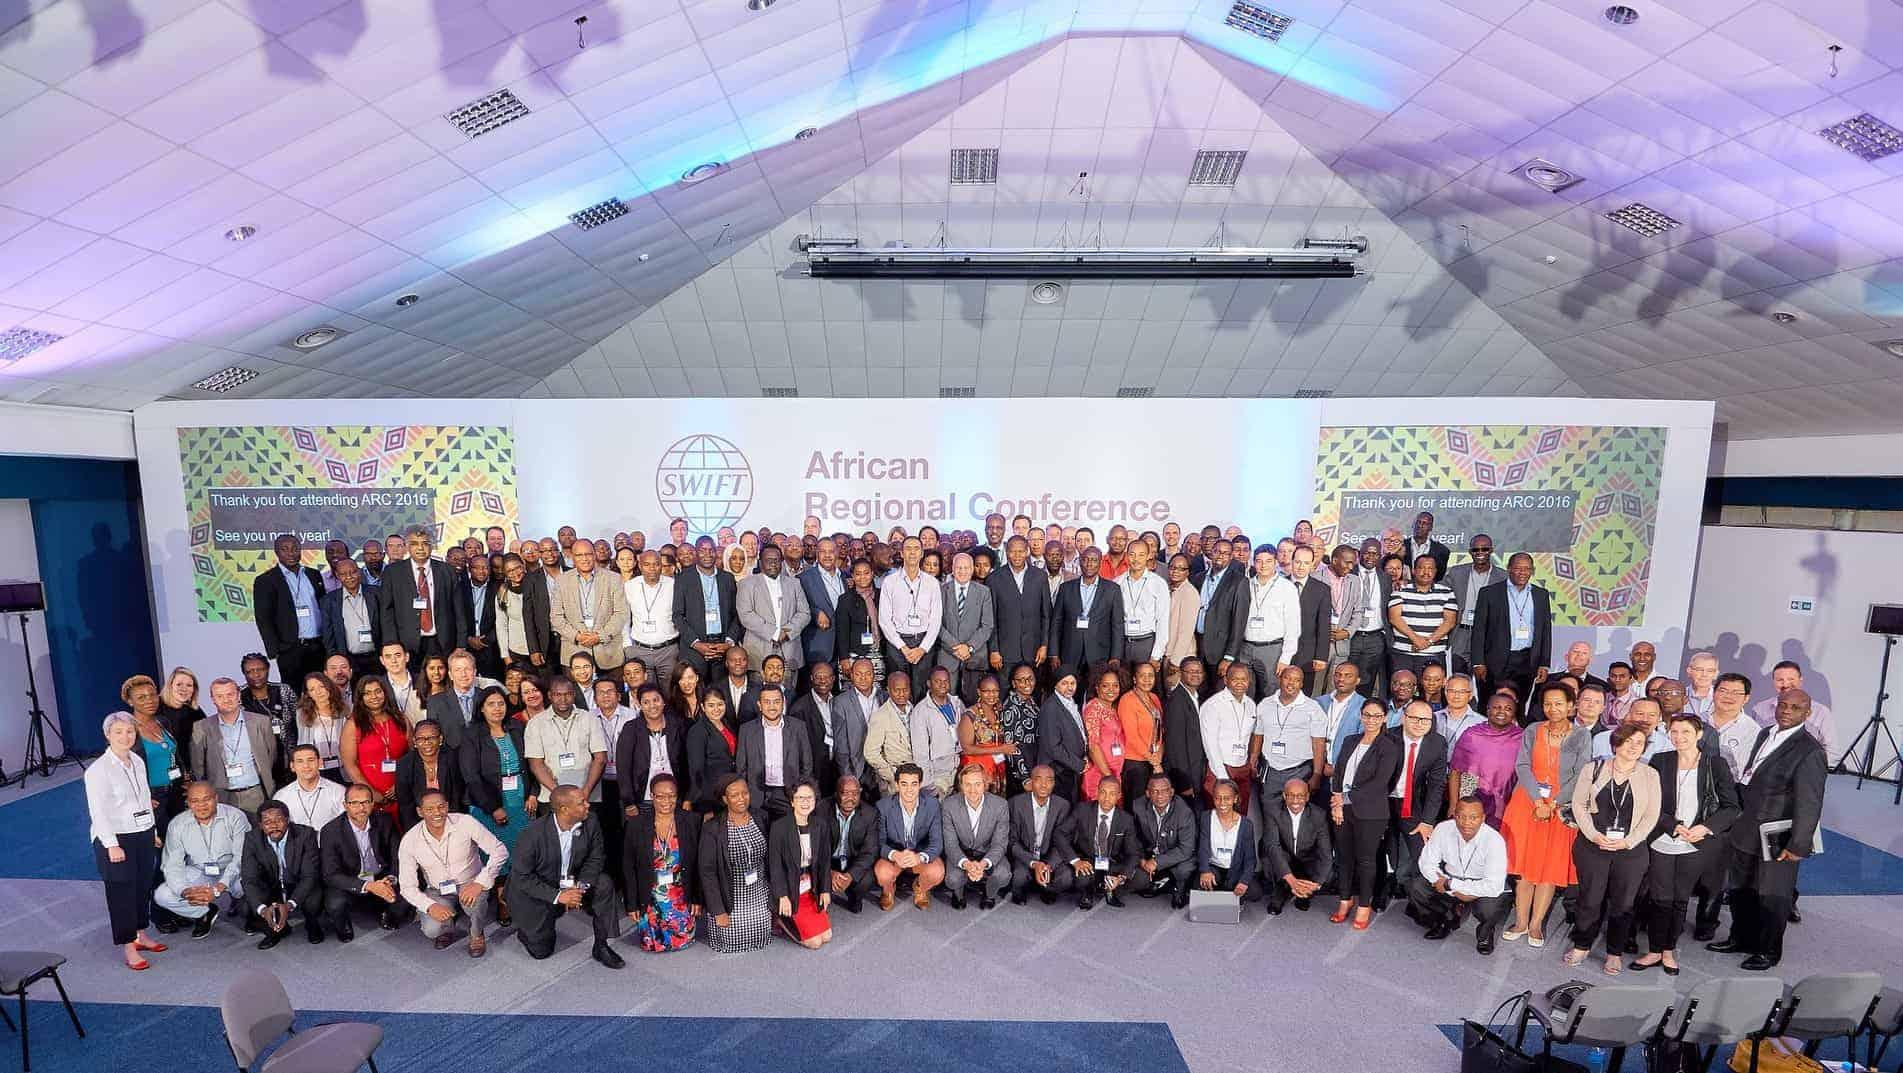 SONEMA participe à la « SWIFT African Regional Conference» en collaboration avec son partenaire AEG